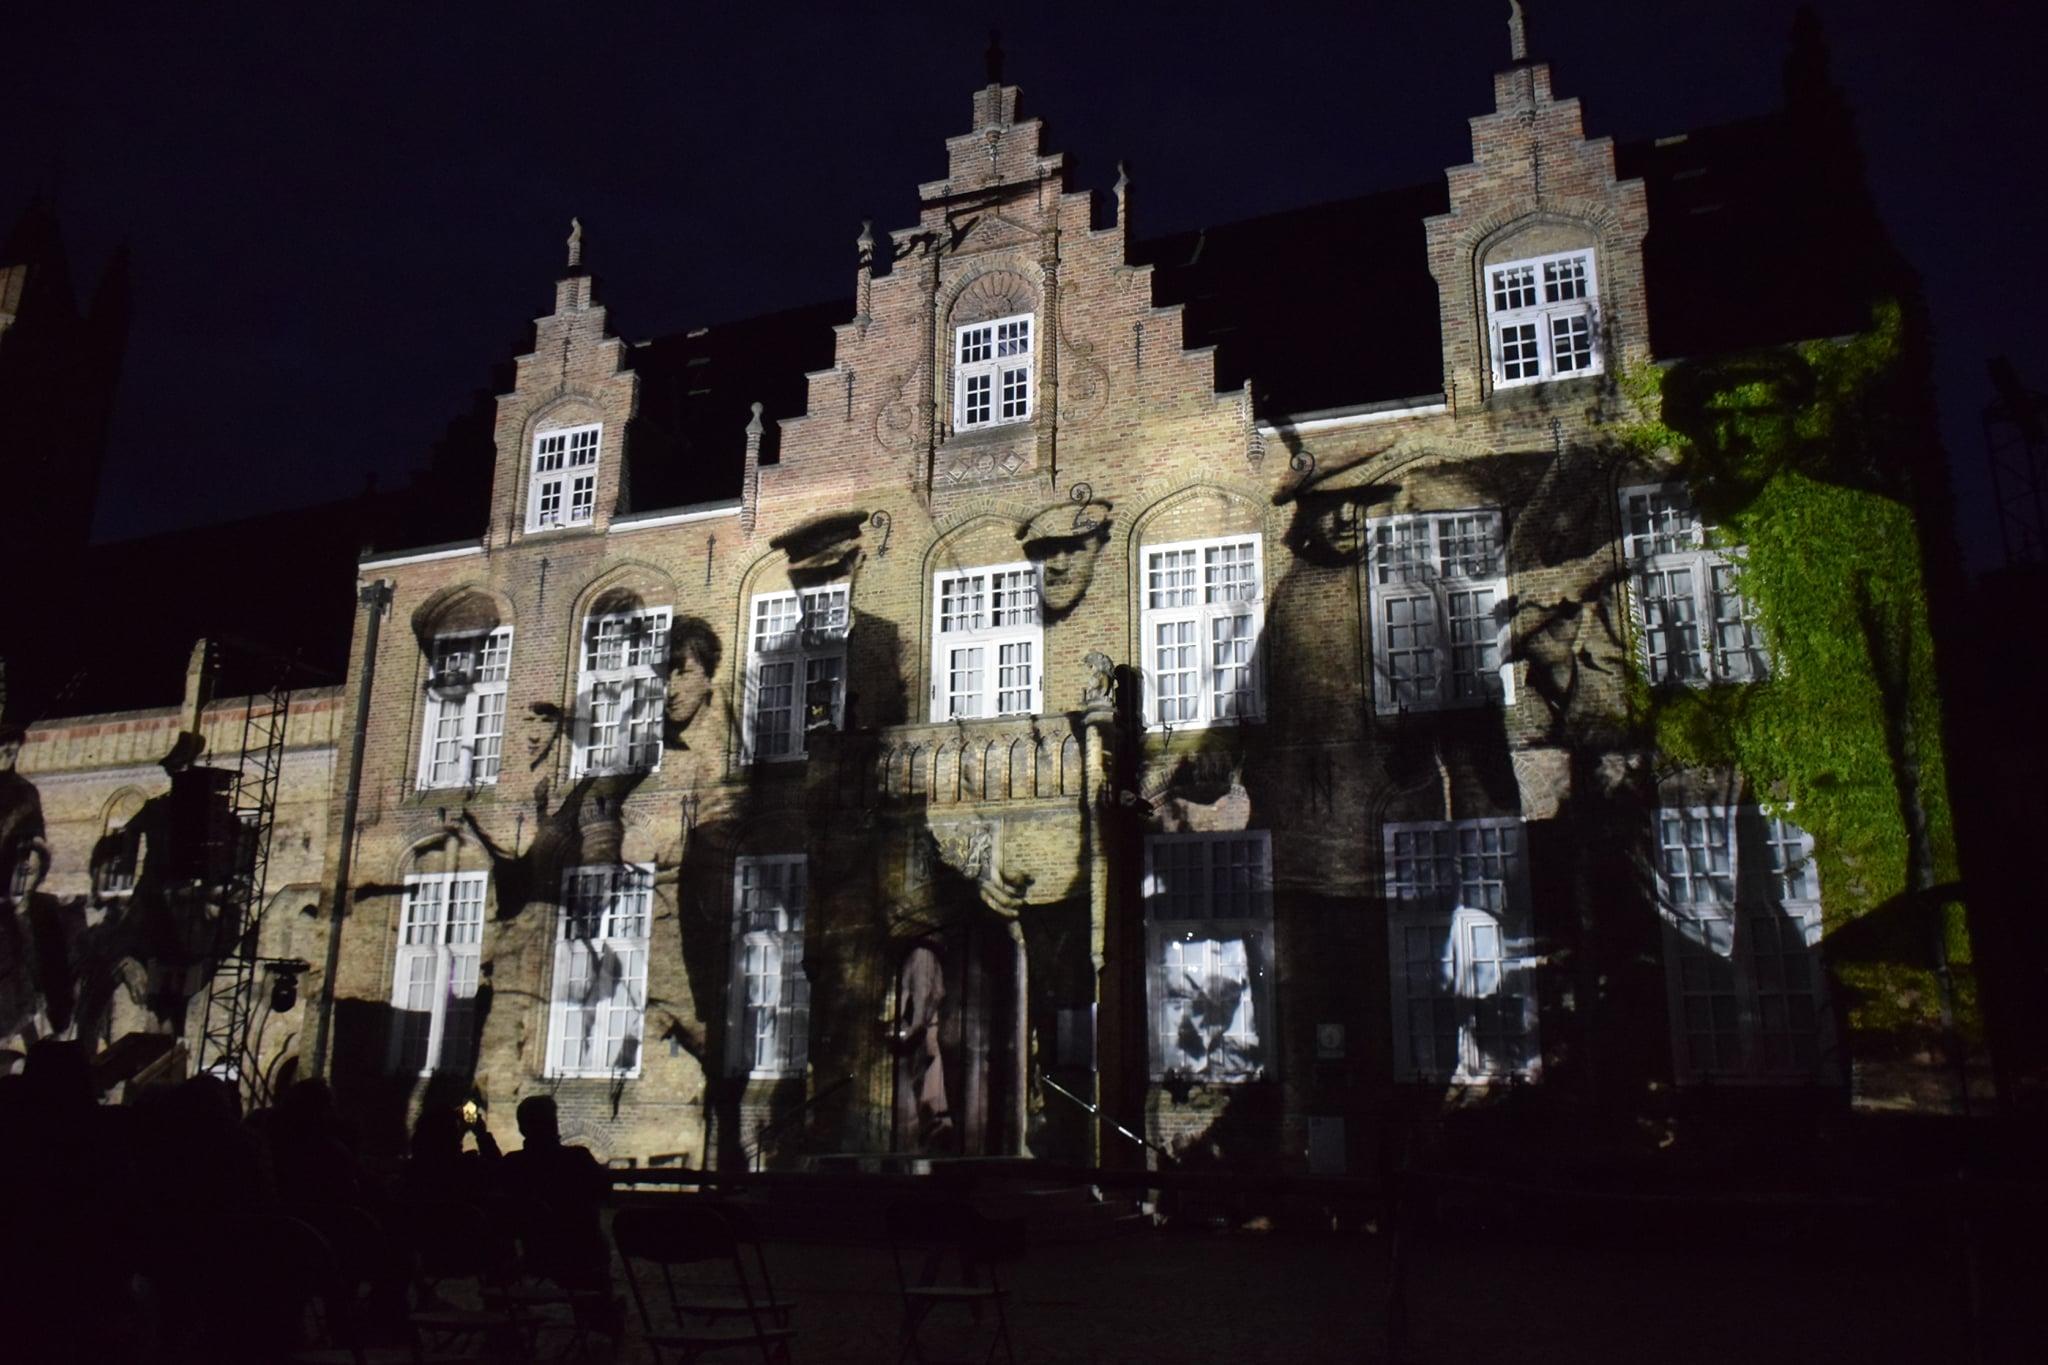 Videomapping historische beelden - Stadhuis Nieuwpoort